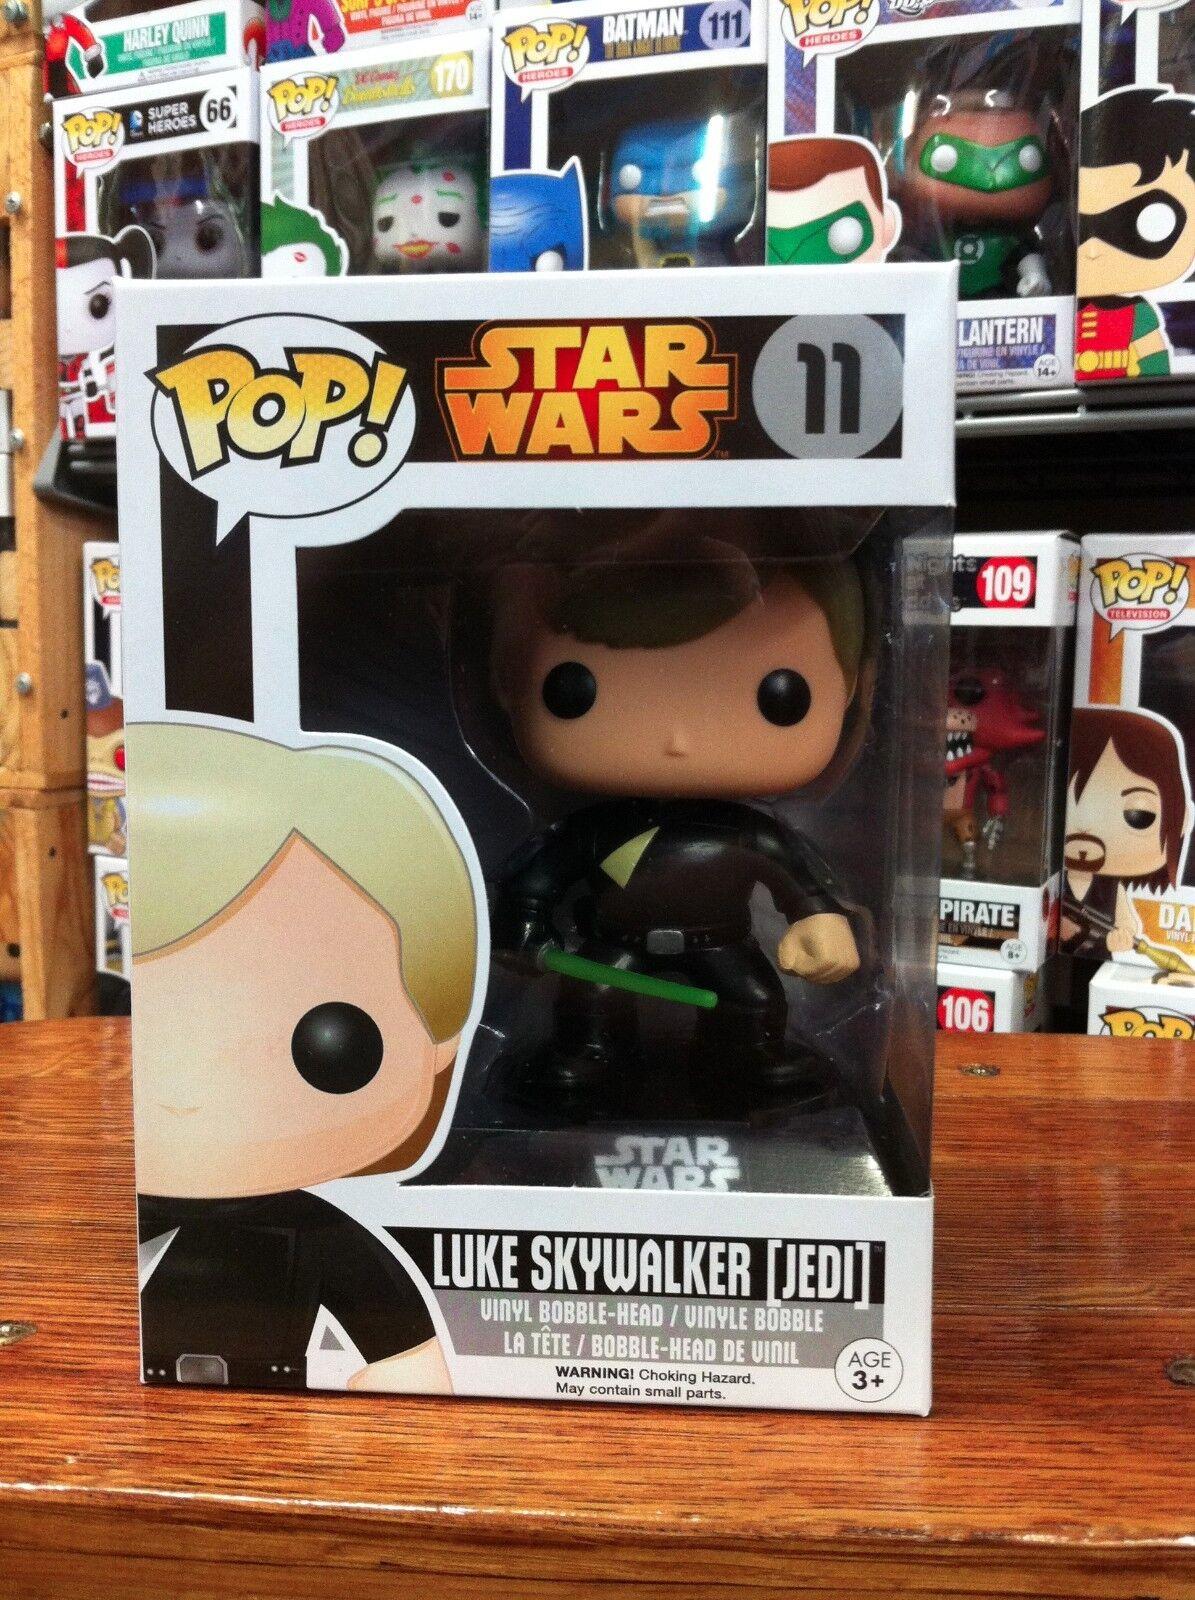 Pop Estrella Wars Jedi Luke 11 Funko Pop Vinilo embalaje experto